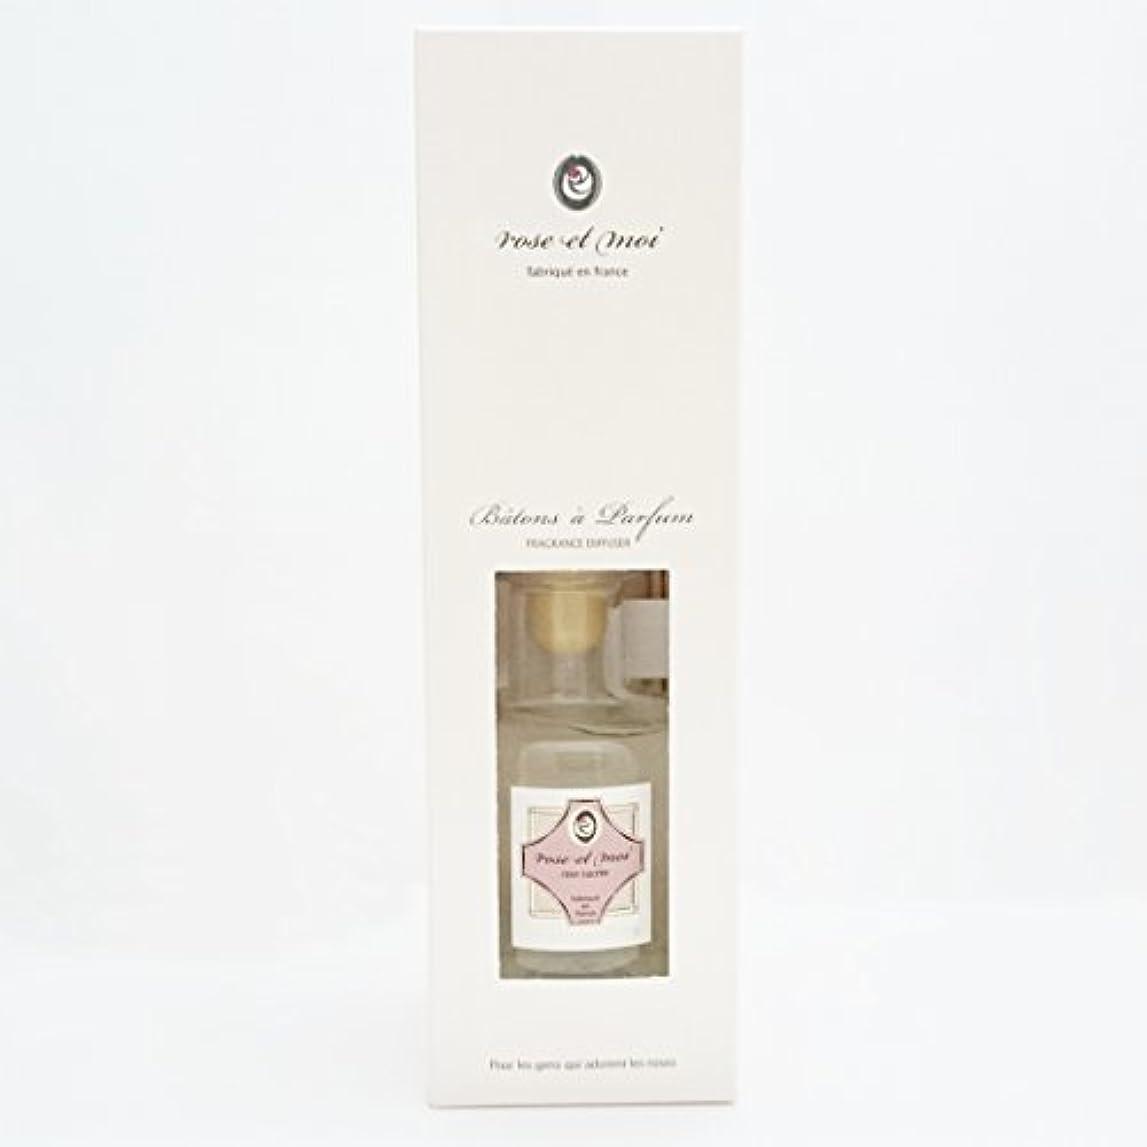 原油懐タンク【ローズシュクレ】Lothantique(ロタンティック)  rose et moi(ローズ エ モア)  フレグランスディフューザー 200ml (rose sucree(ローズ シュクレ))4994228026972